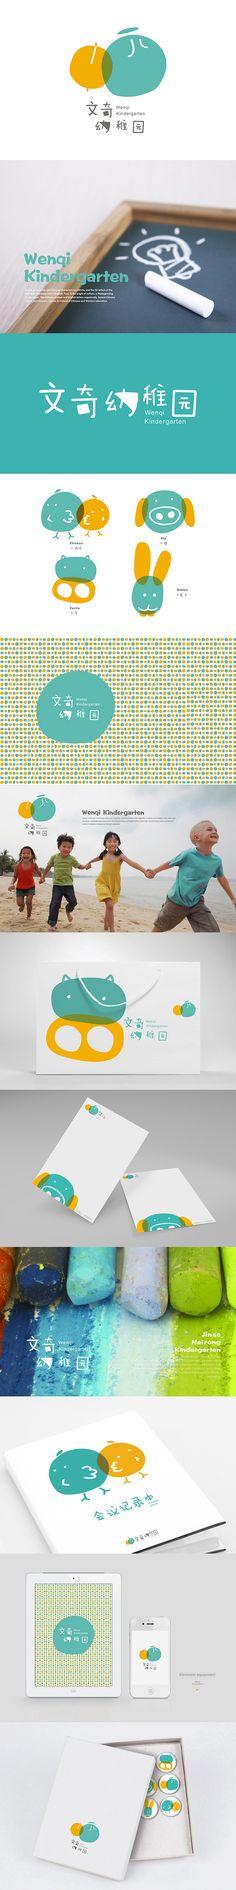 文奇幼儿园VI视觉设计|VI/CI|平面... Brand Identity Design, Corporate Design, Branding Design, Logo Design, Corporate Identity, Logos, Typography Logo, Web Design, Kids Branding